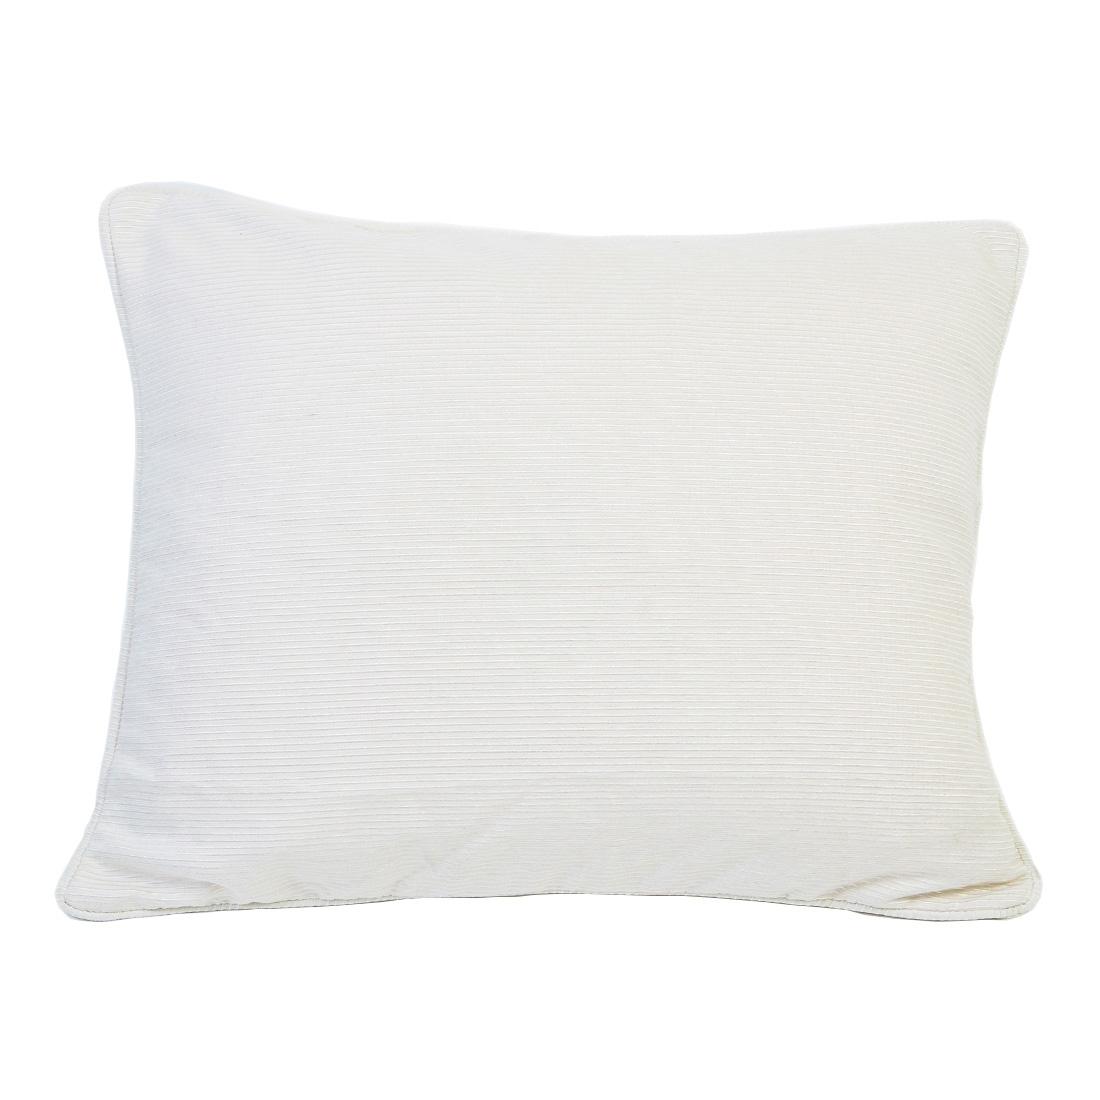 Imogen Ivory Cushion